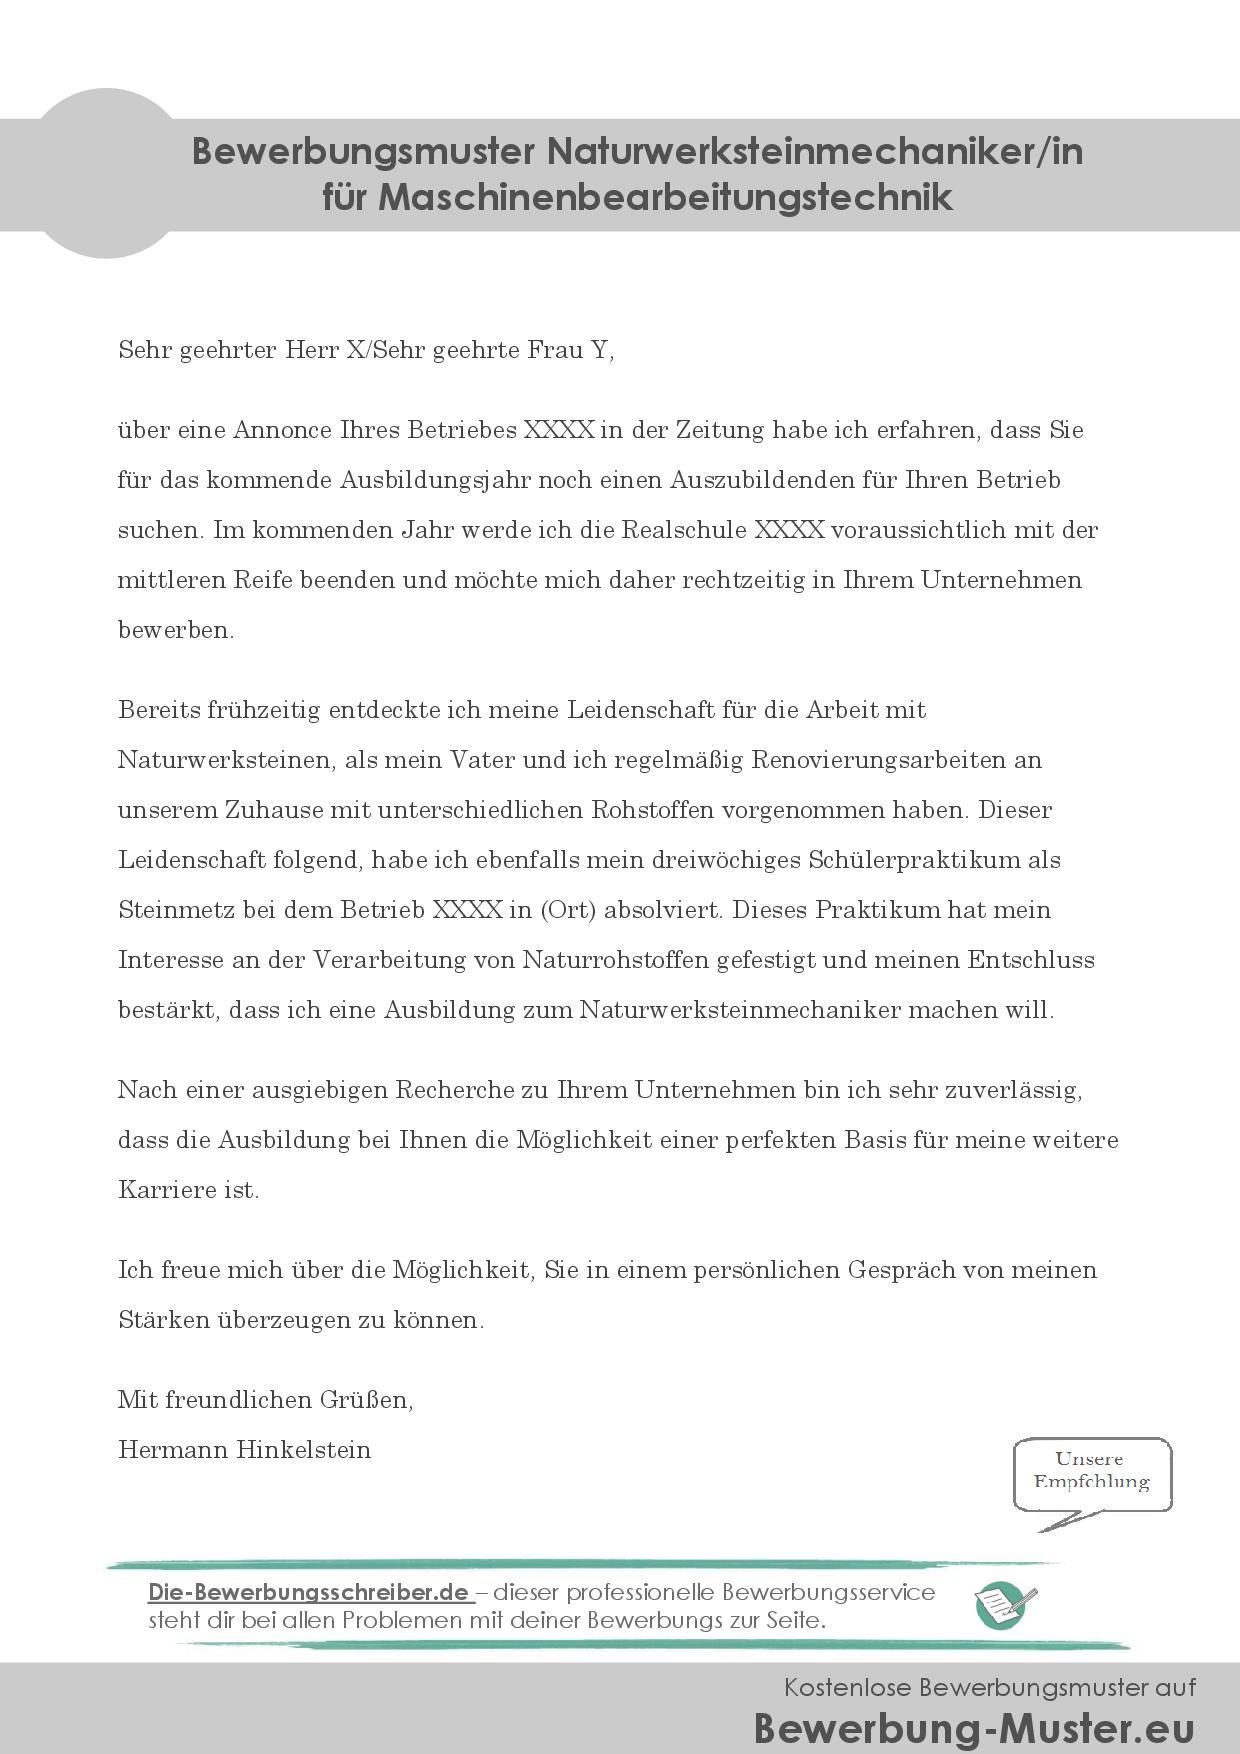 Bewerbungsmuster Naturwerksteinmechaniker/in für Maschinenbearbeitungstechnik